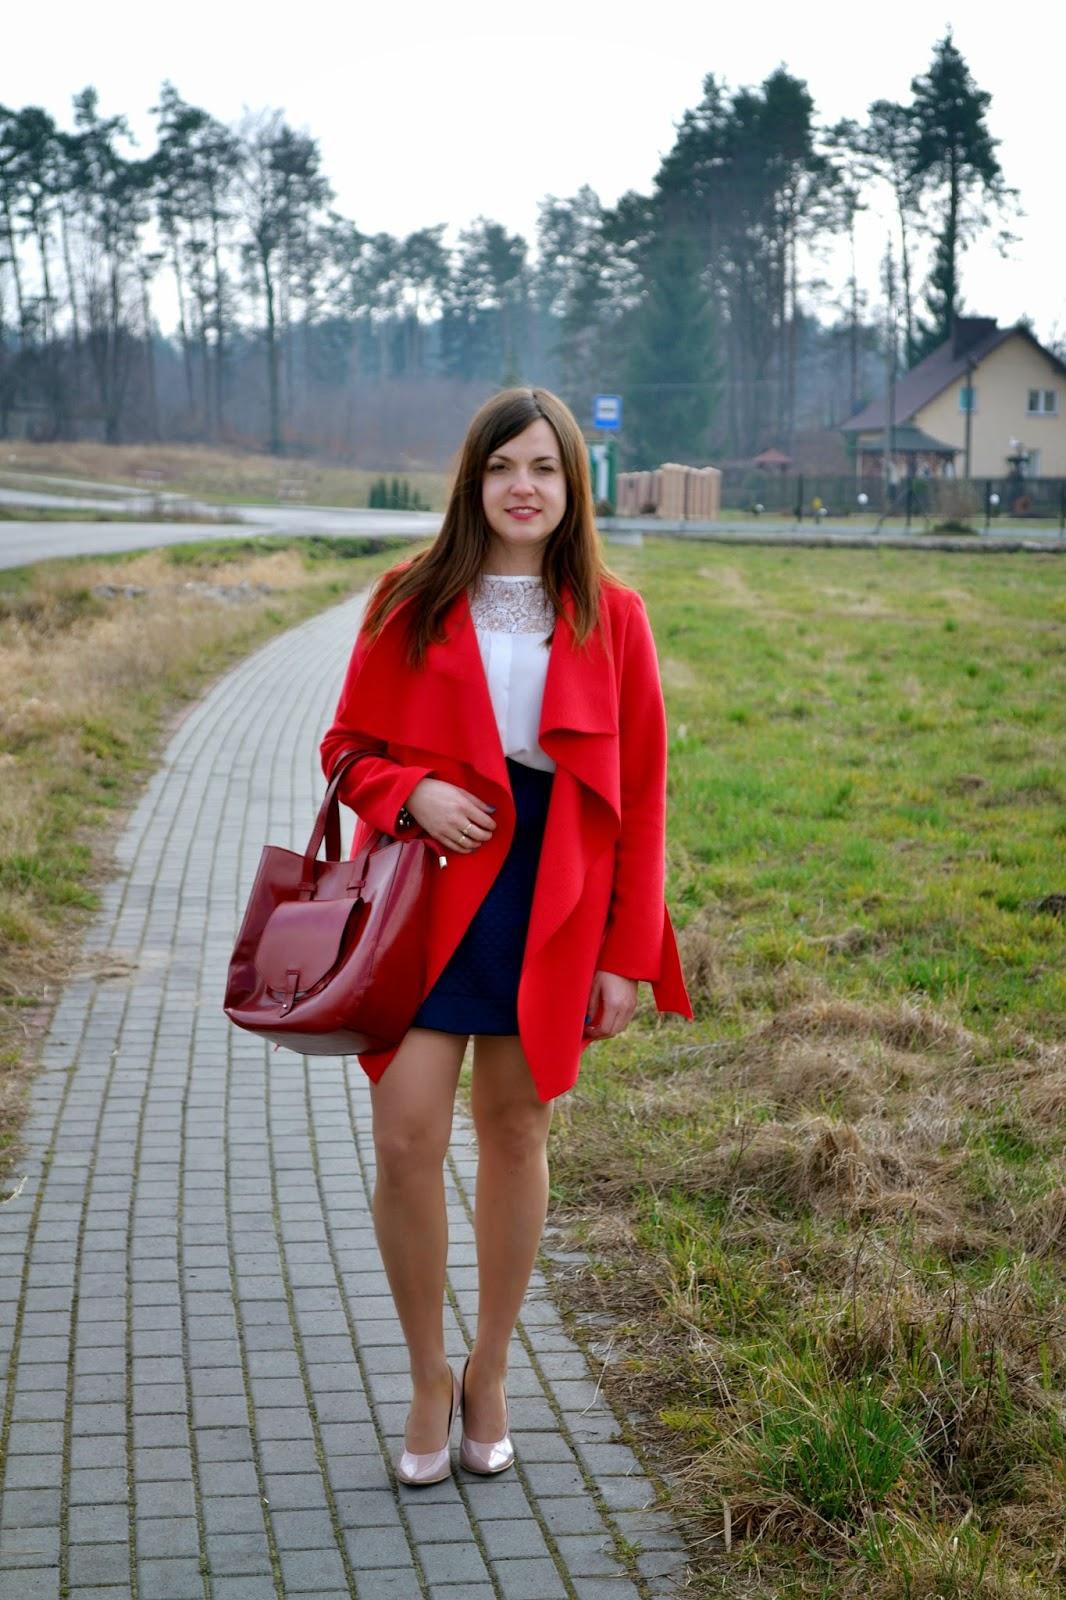 płaszcz waterfall, czerwony płaszcz, płaszcze na wiosne 2015, plaszcz jak szlafrok, płaszcze szlafrok, czerwona torebka, pudrowe czółenka, lakierowane szpilki, seksowne szpilki, granatowa spódnica, stylizacja na wiosnę, elegancki zestaw